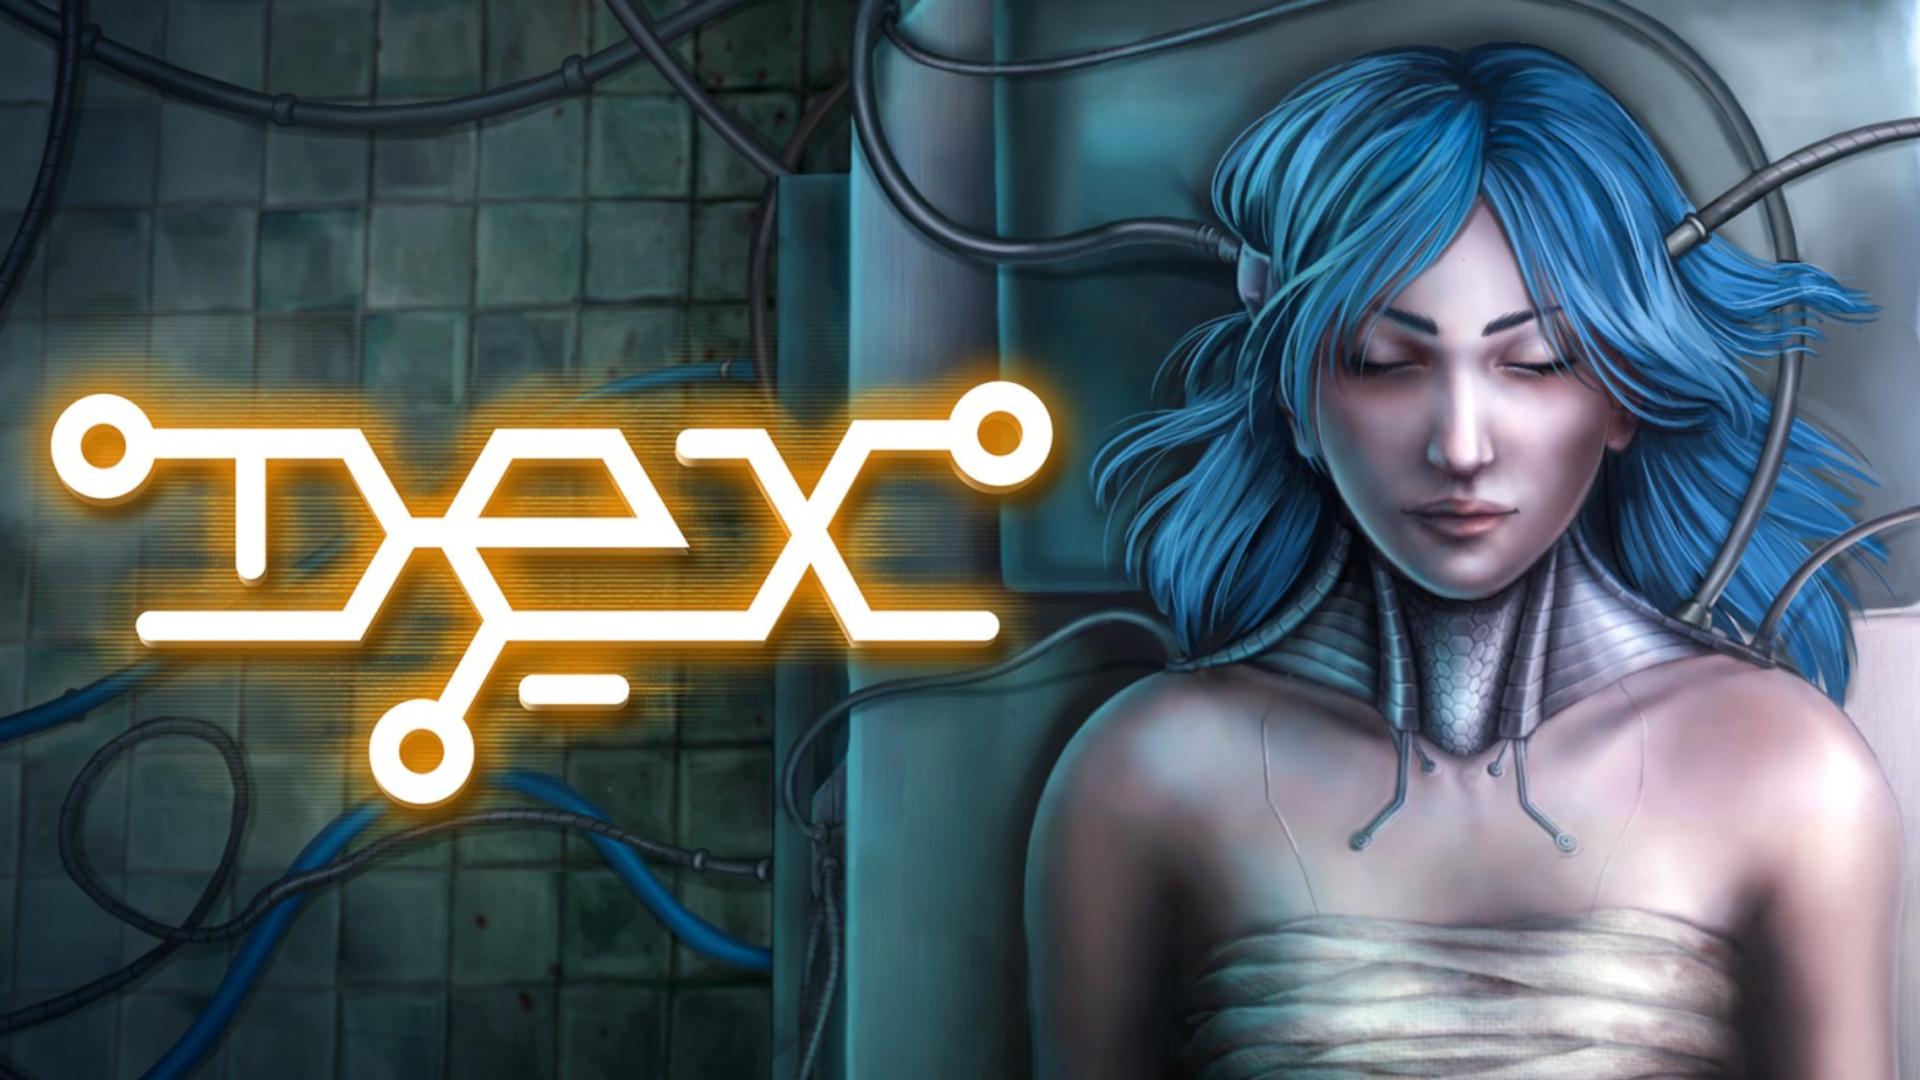 Nintendo eShop - Dex